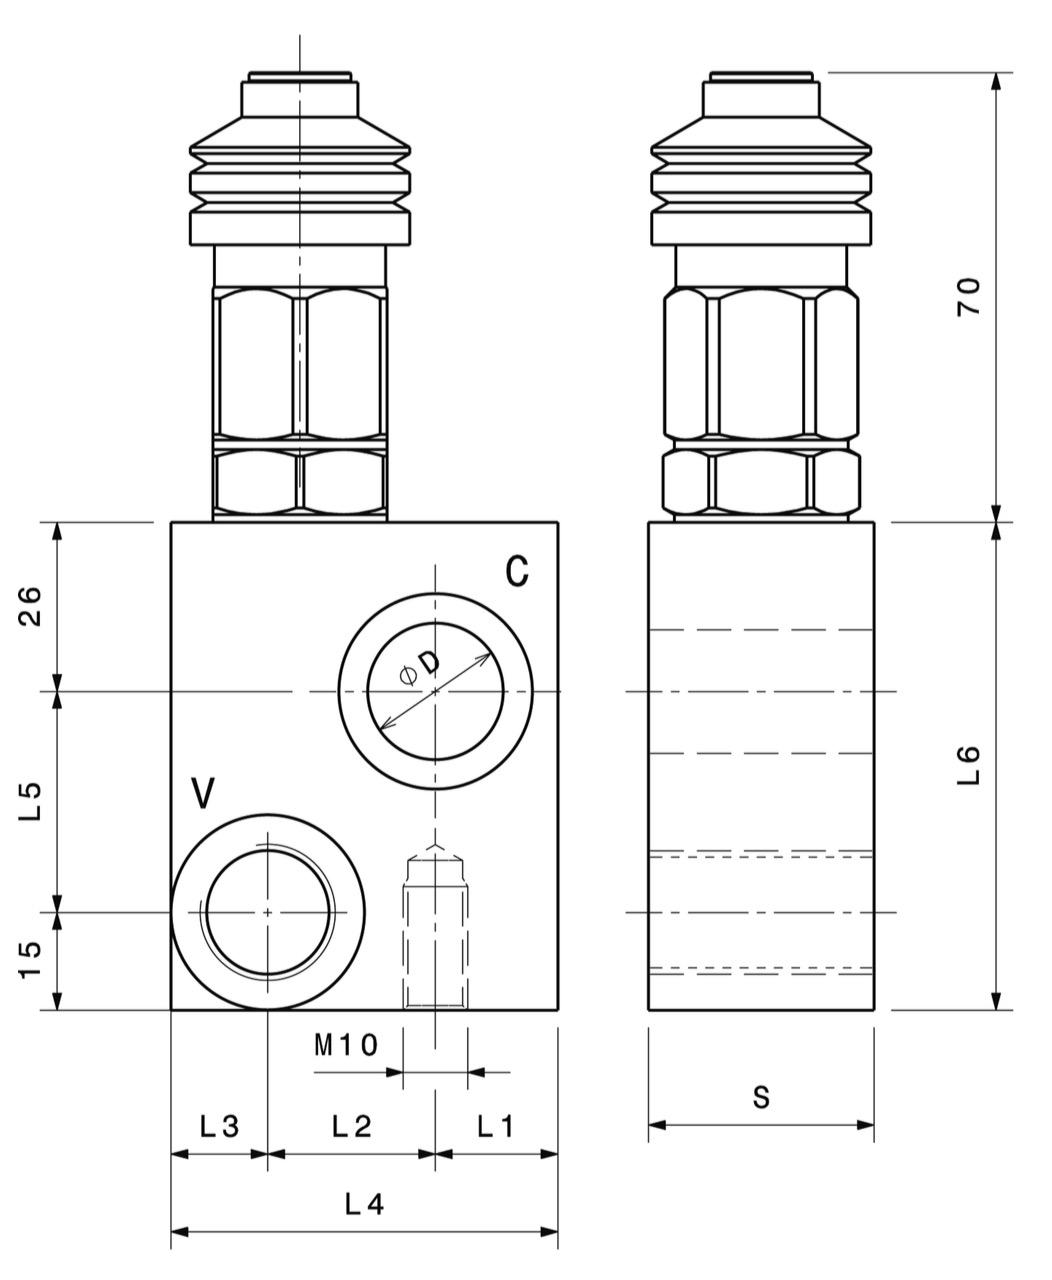 valvola-arresto-cilindro-flangiabile-con-vite-cava-dis3